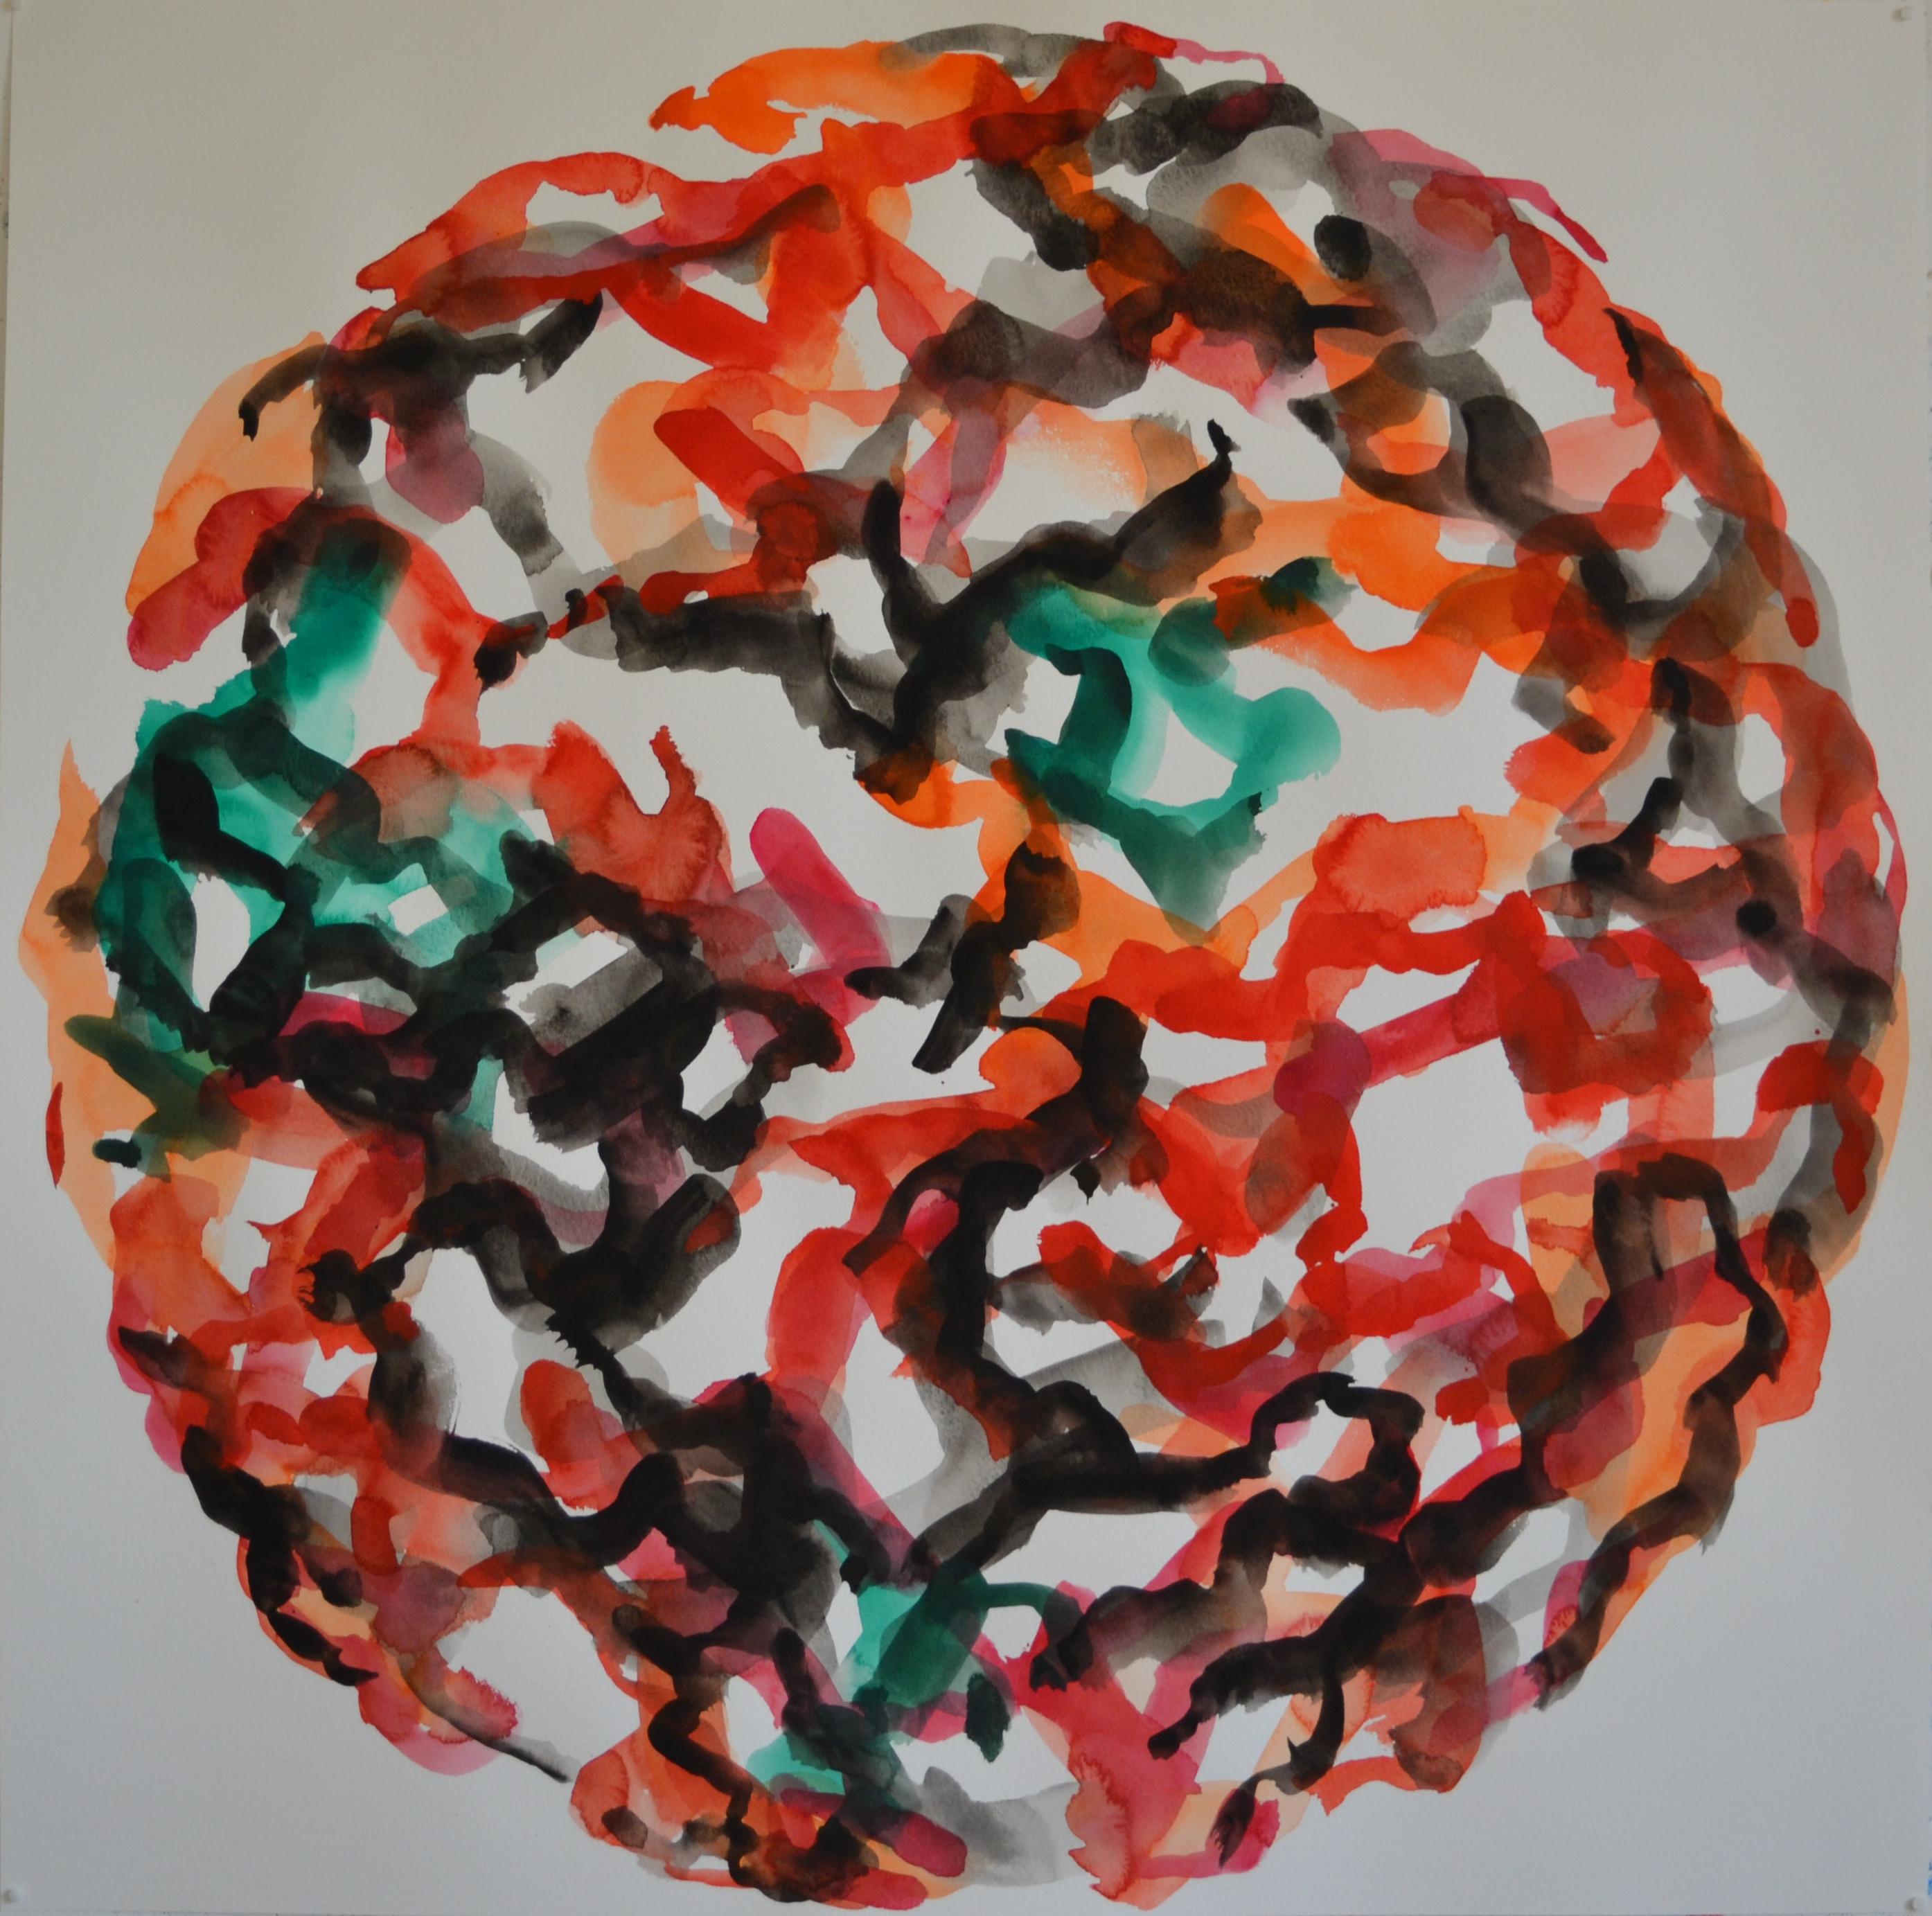 Mappemonde Peinture, gouache sur papier, 75 x 75 cm